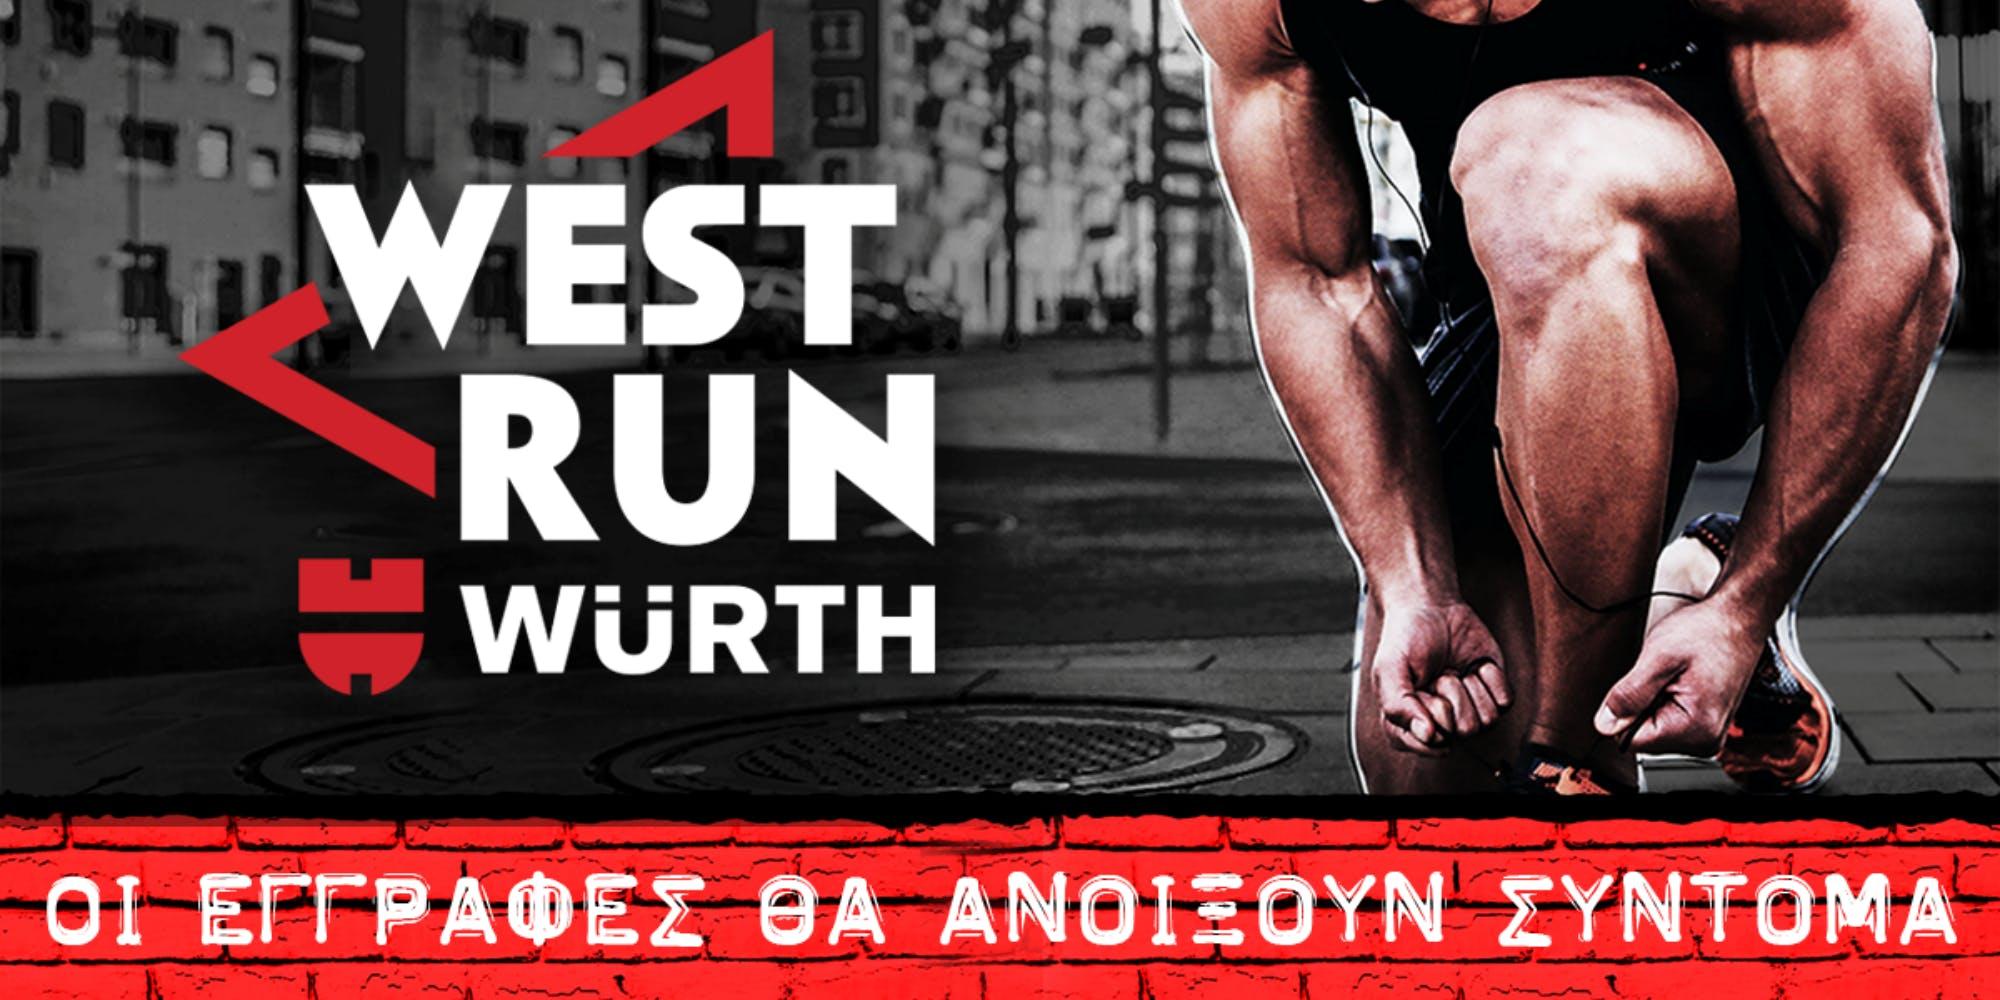 Ανοίγουν σύντομα οι εγγραφές του 1oυ West Run Würth